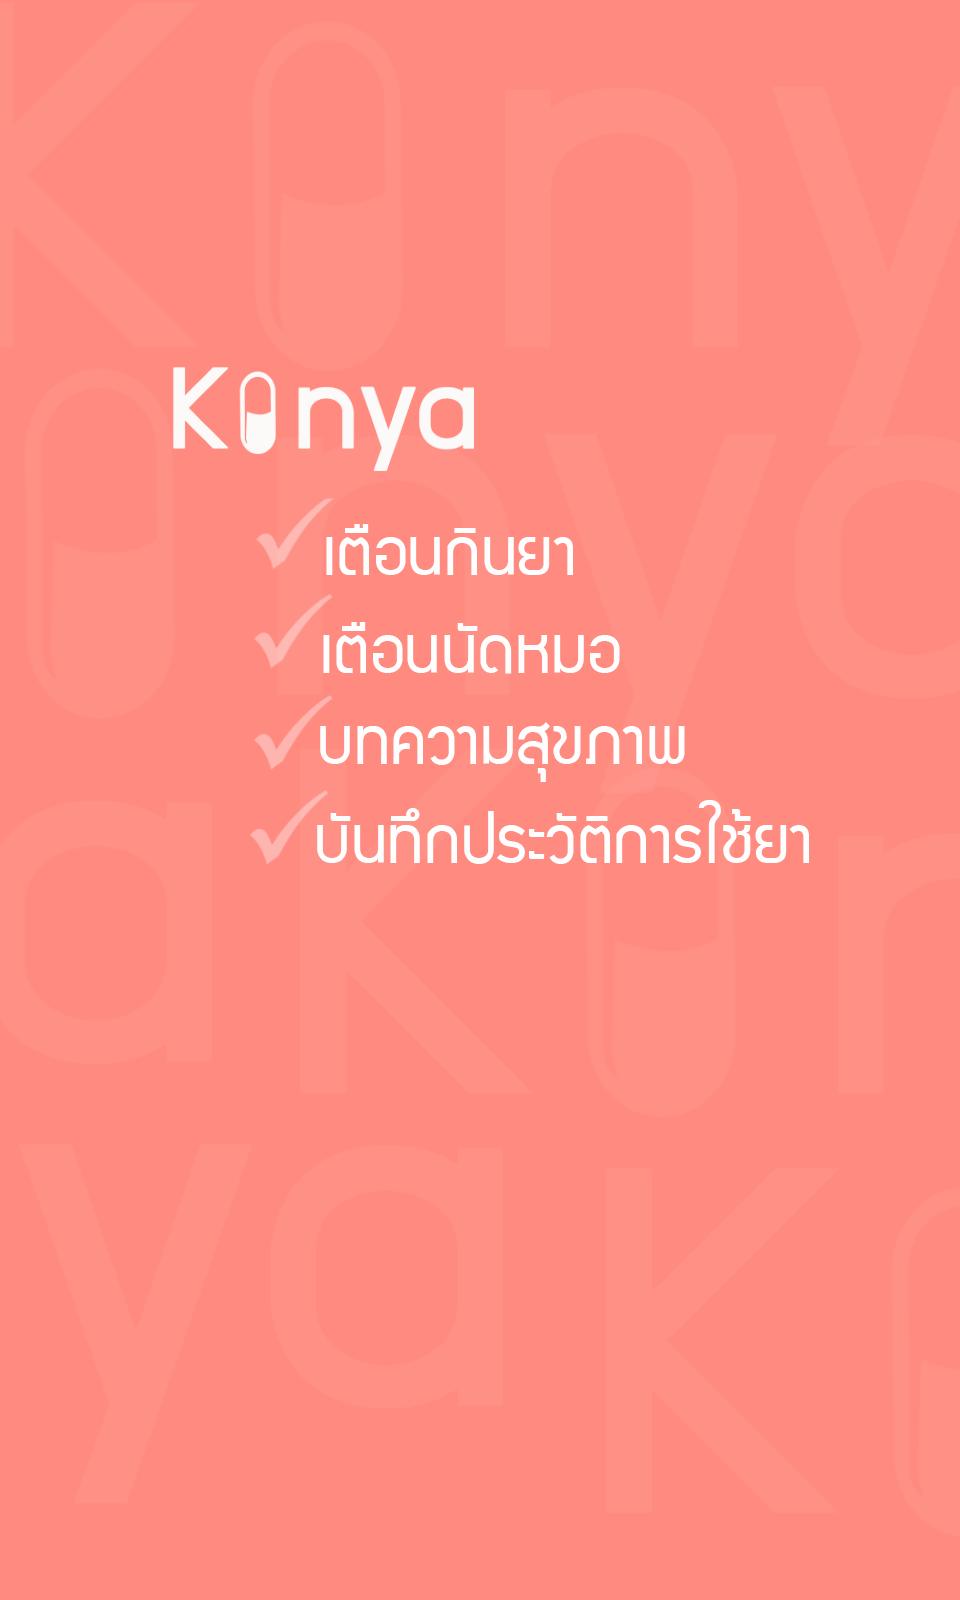 Kinyawelcome2